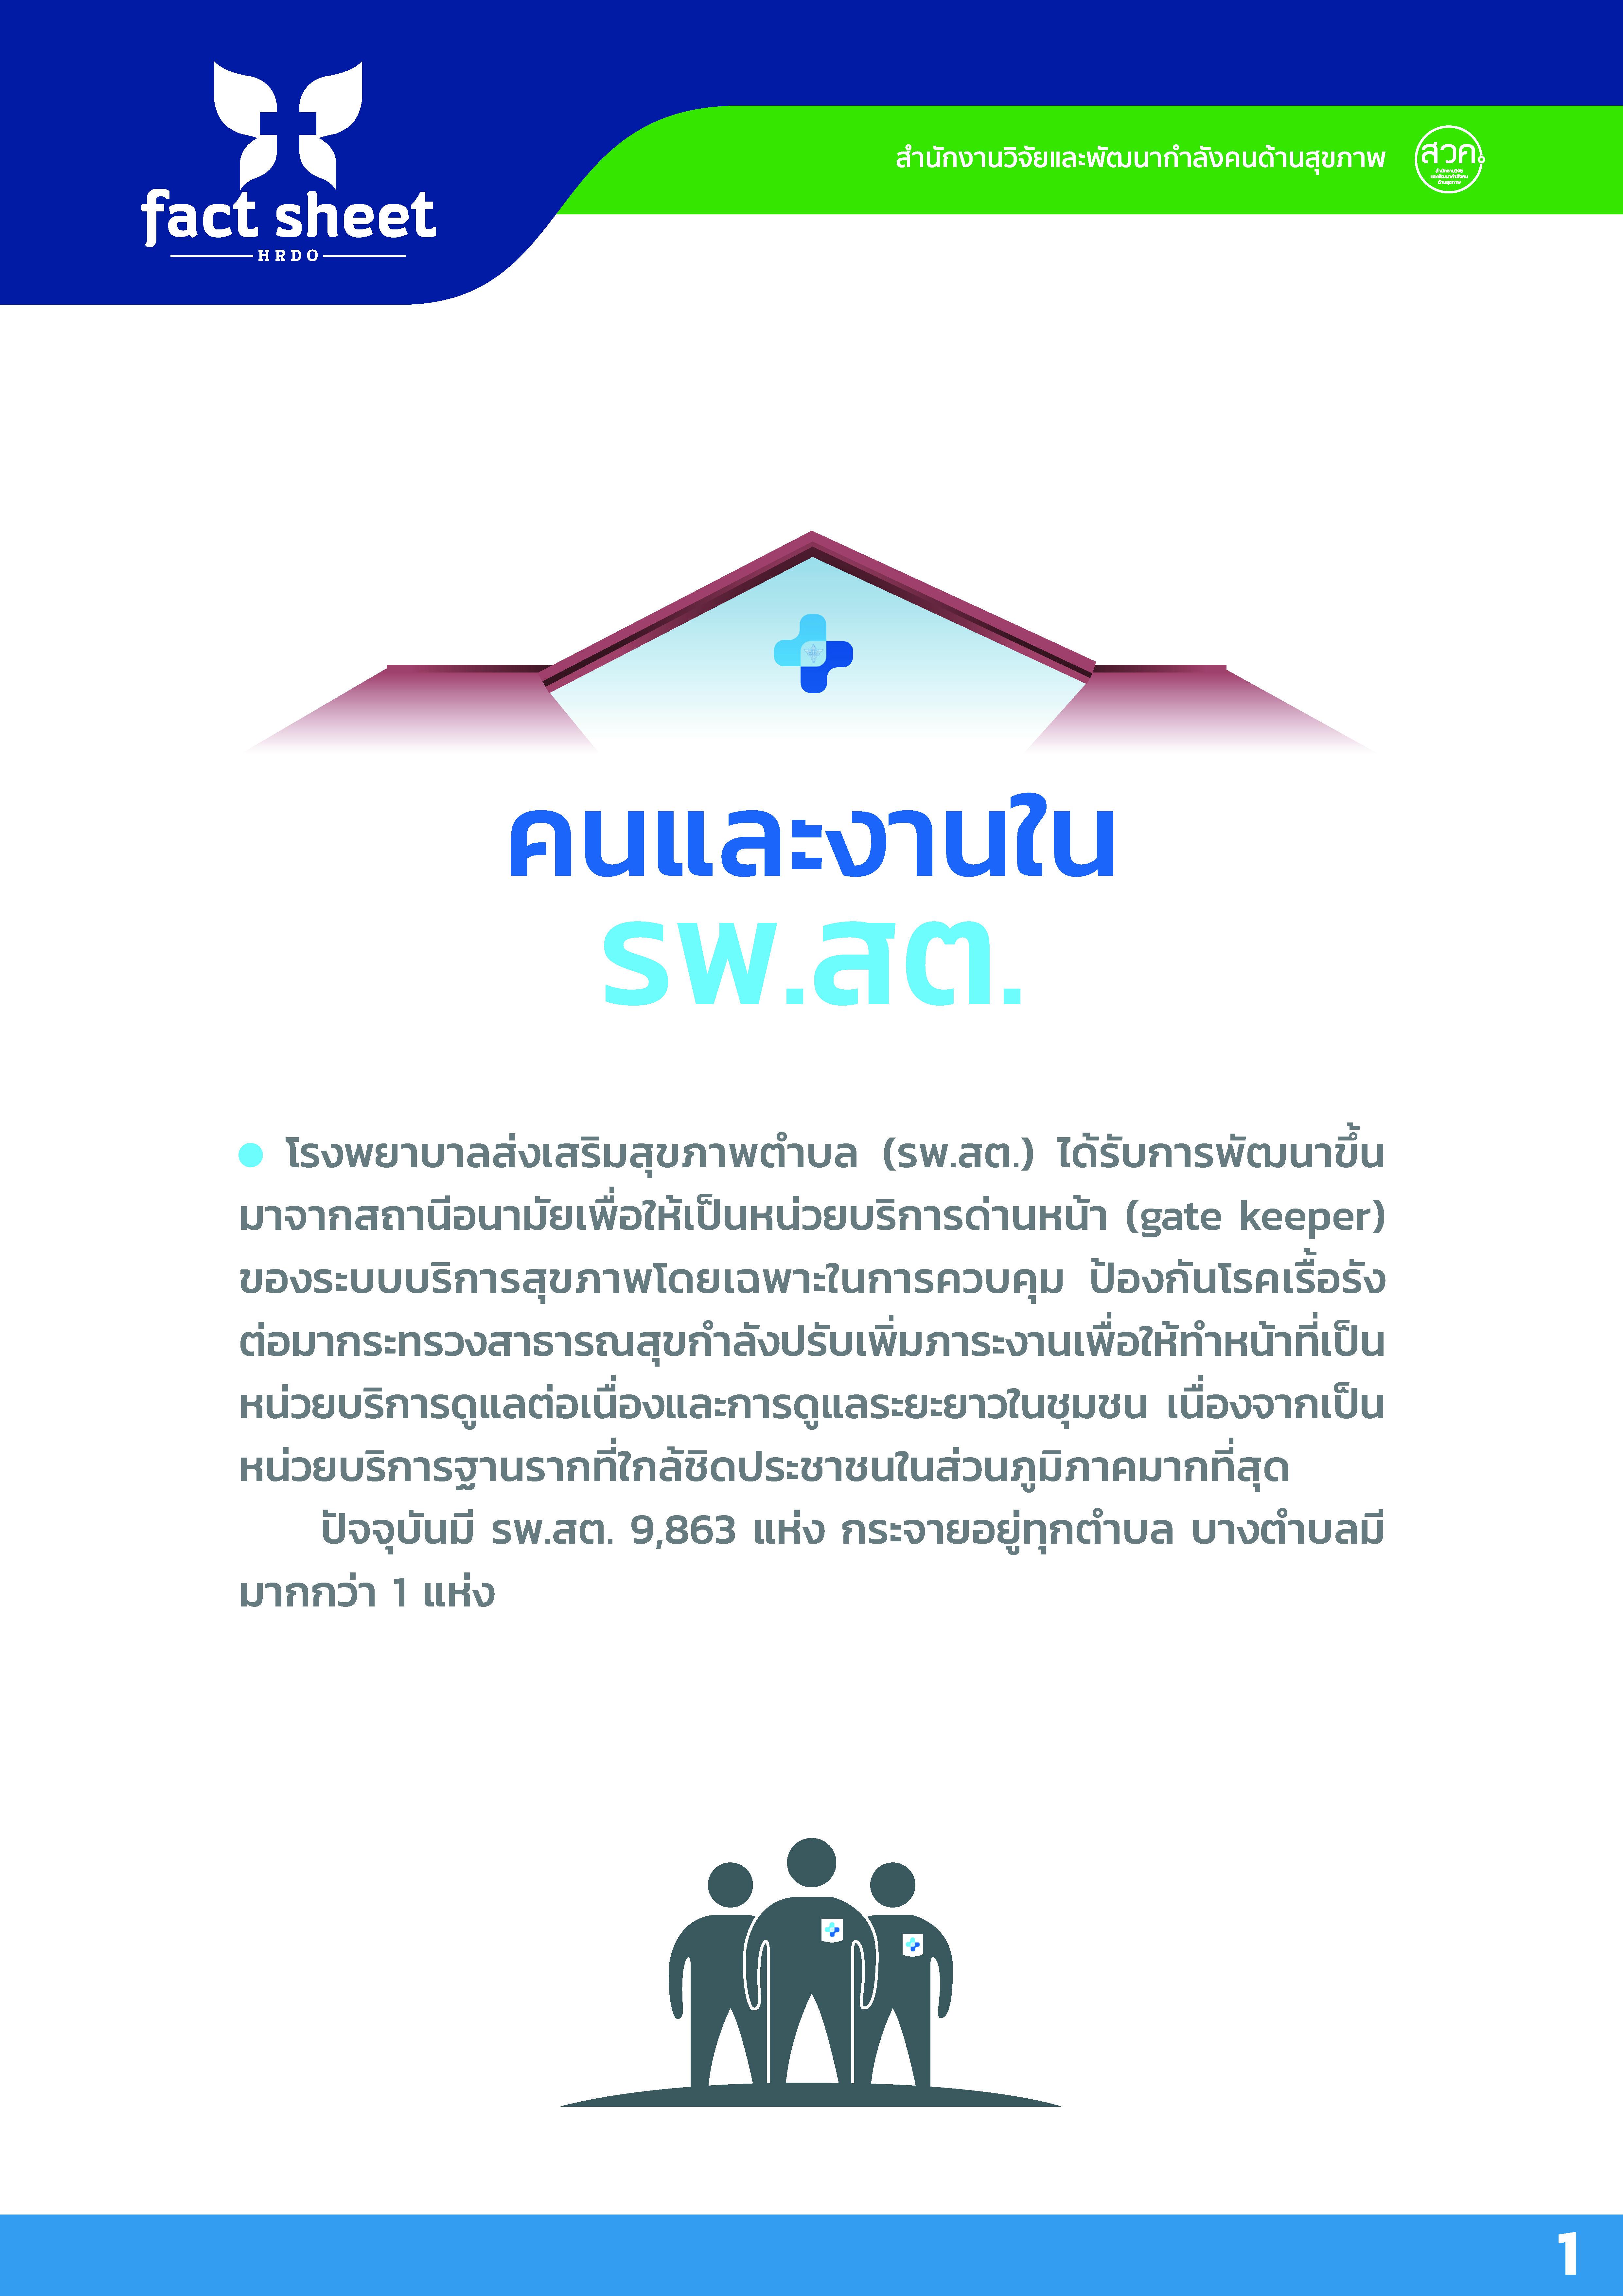 อสม มดงานในระบบสุขภาพไทย